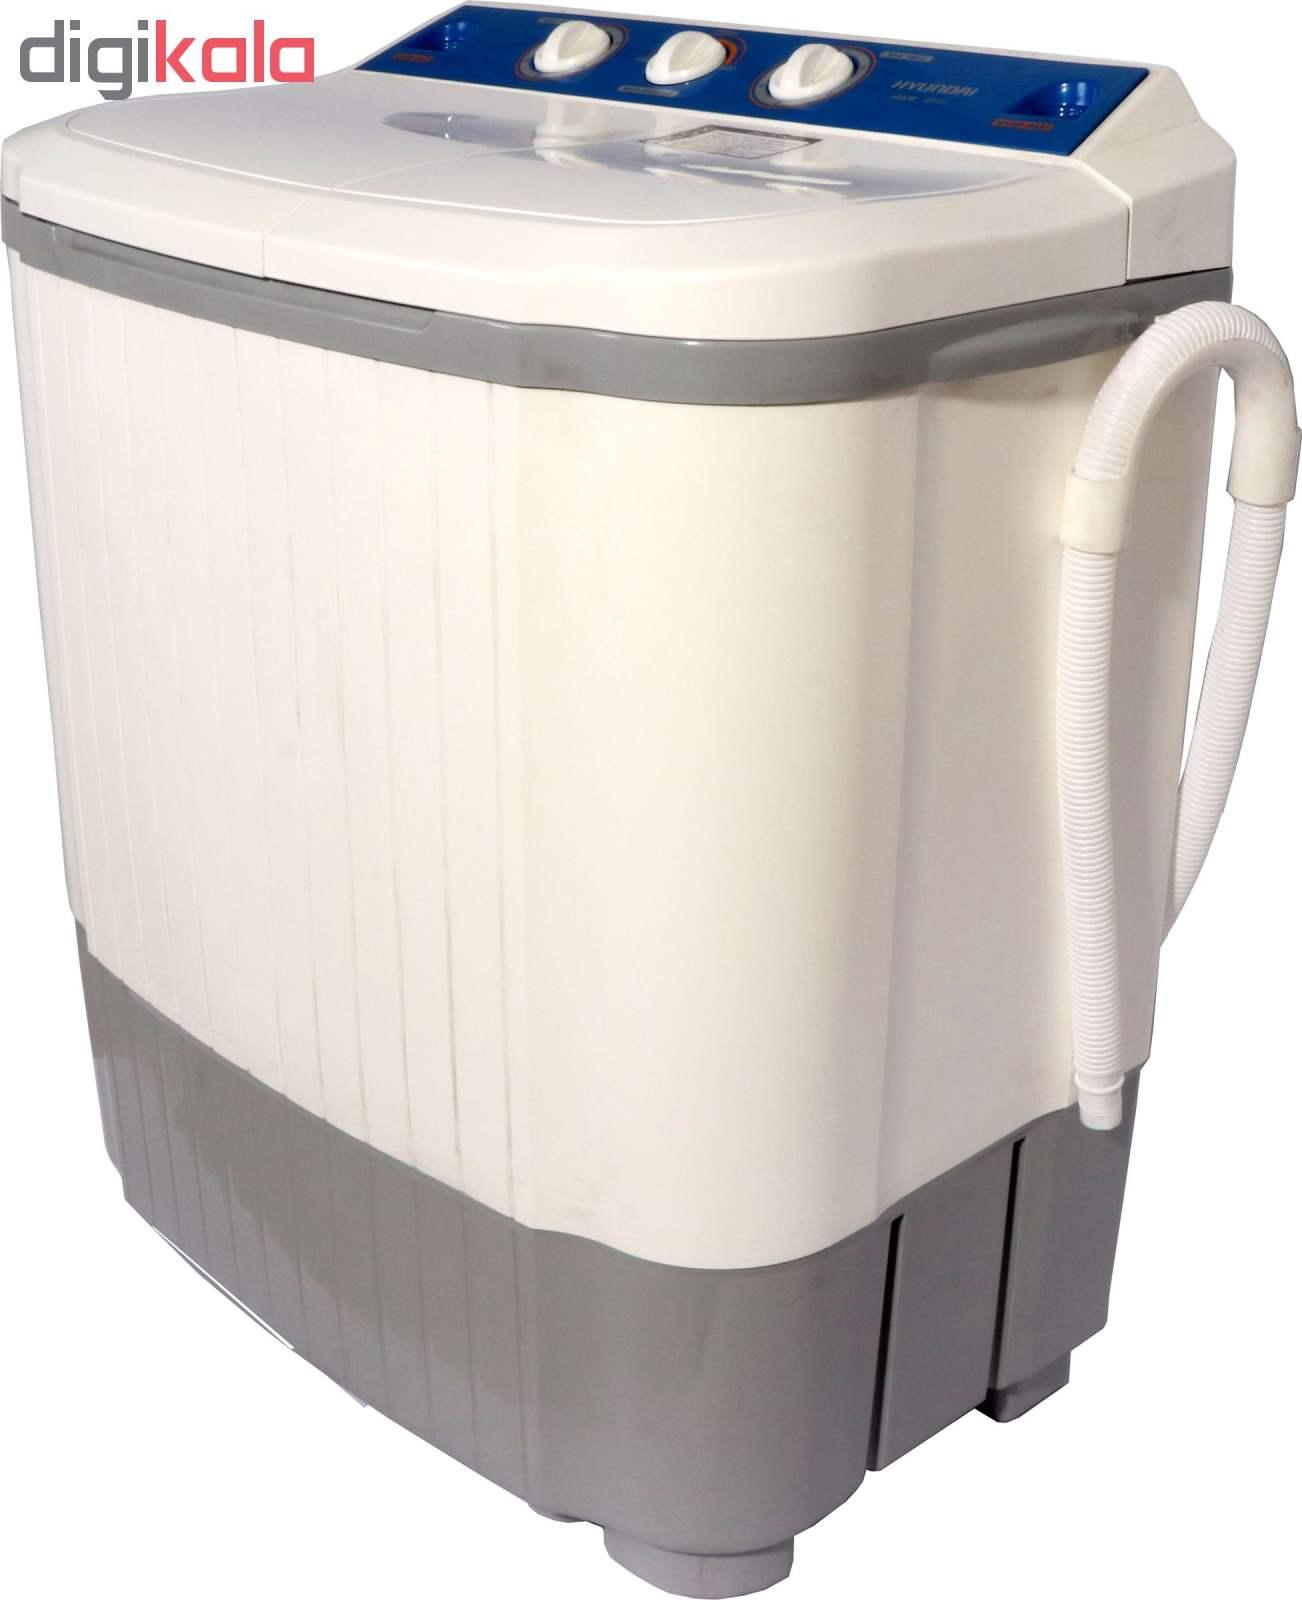 ماشین لباسشویی هیوندای مدل HWM-4500 ظرفیت 4.5 کیلوگرم main 1 1